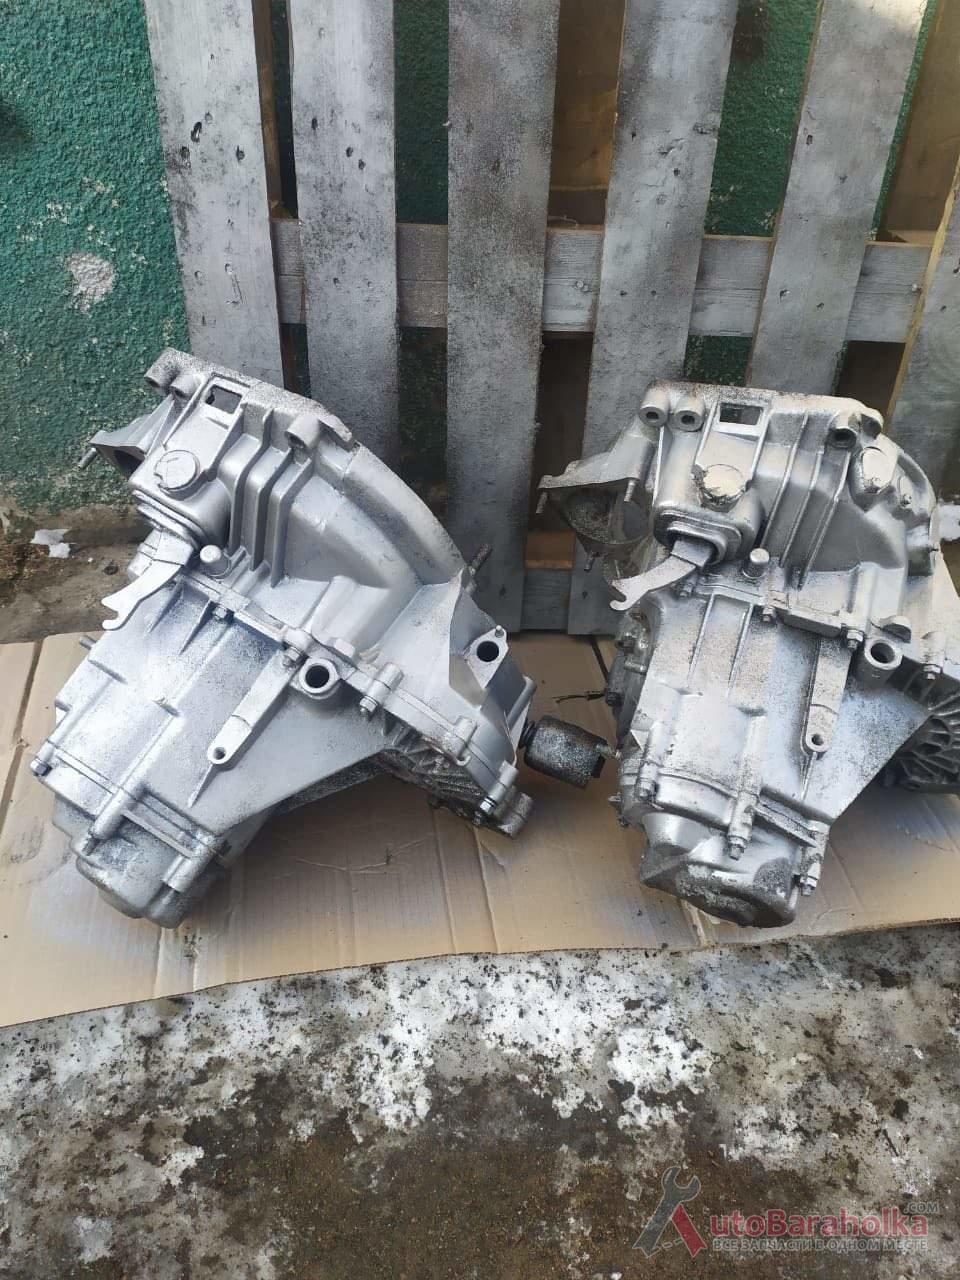 Продам Коробка передач КПП ваз лада 2108 21083 2114 2111 5ст под 2-3 шпильки стартера. После реставрации Харьков